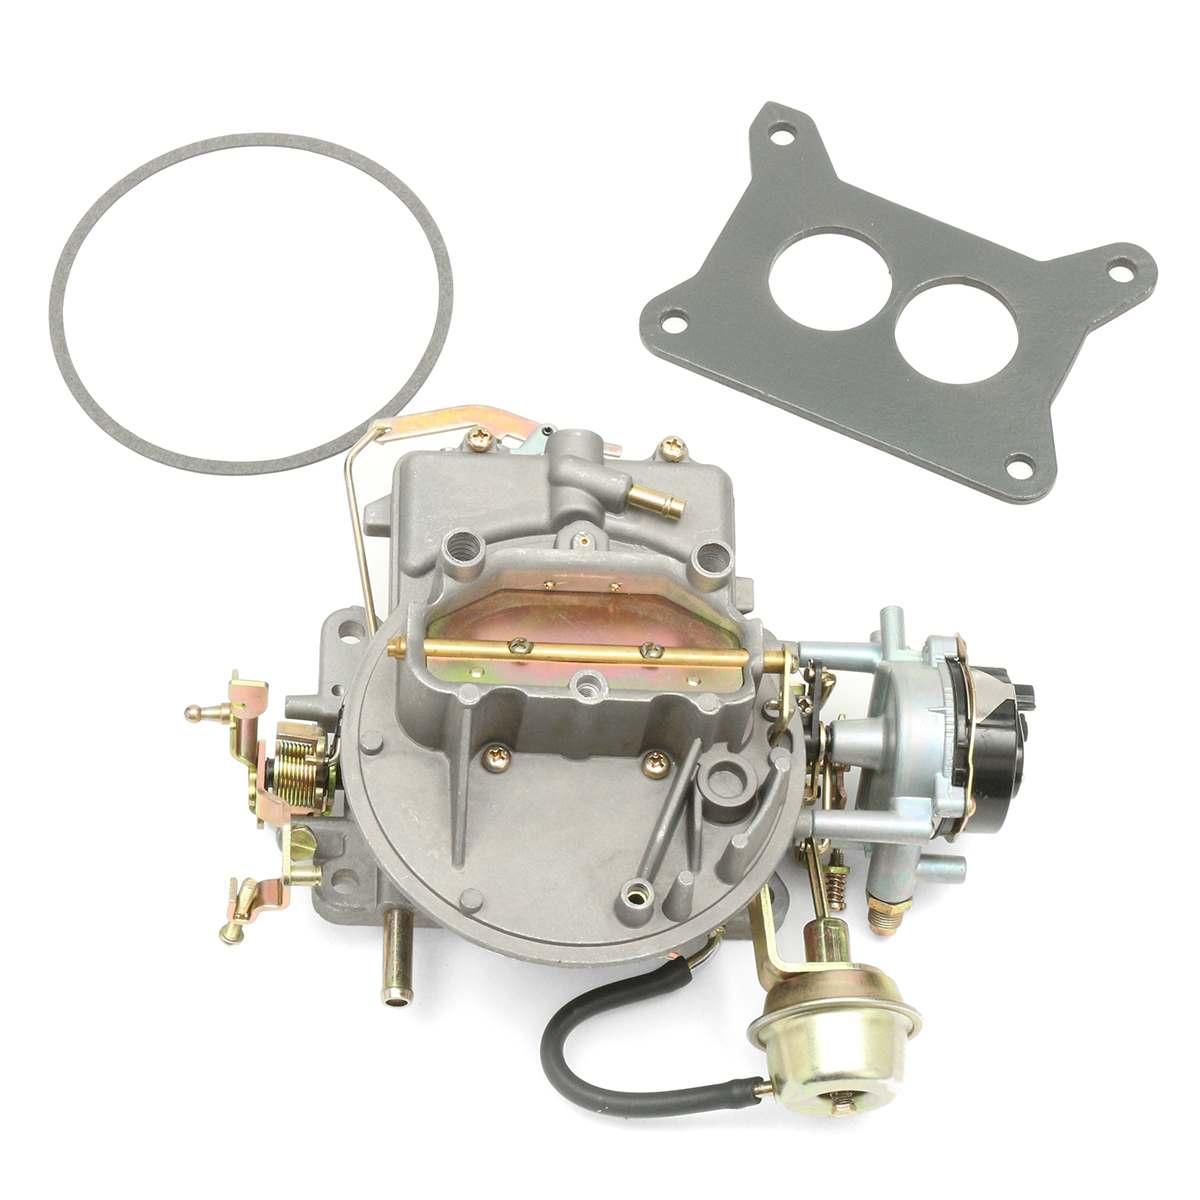 2 Barrel Carburetor Carb 2100 For Ford F100 F250 F350 for Mustang Engine 289 302 351 19641984|Carburetors| |  - title=